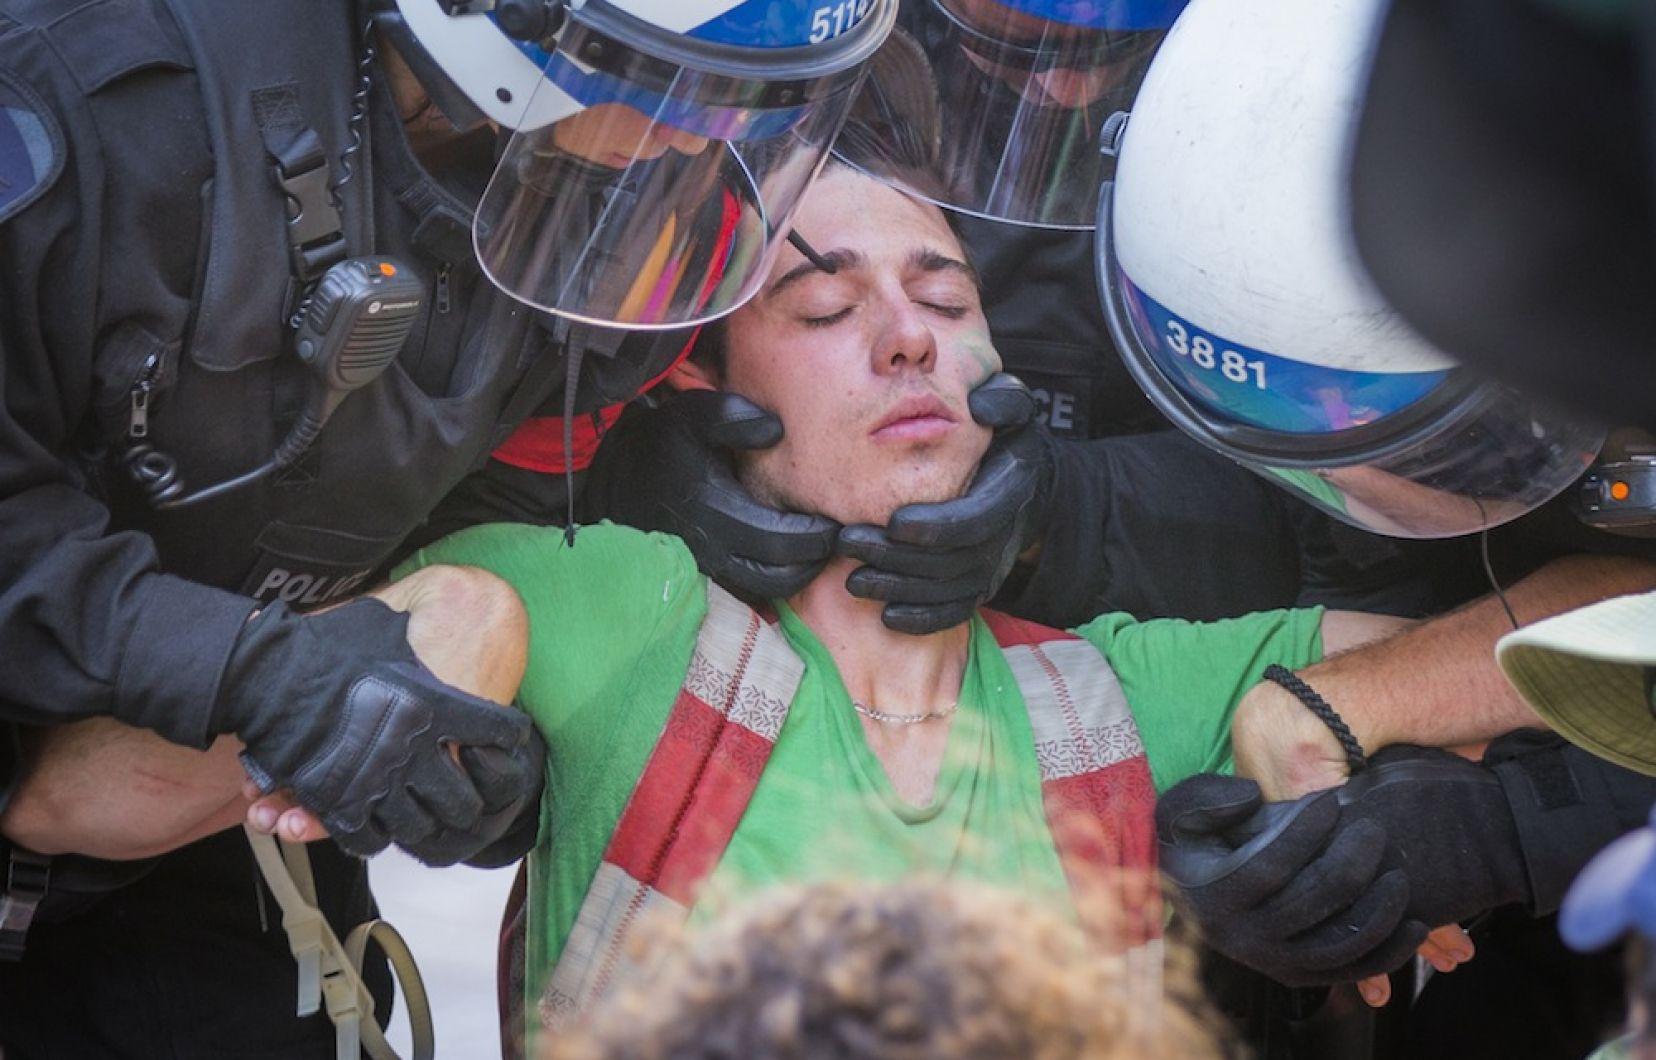 Arrestation lors d'une manifestation pour le climat à Montréal